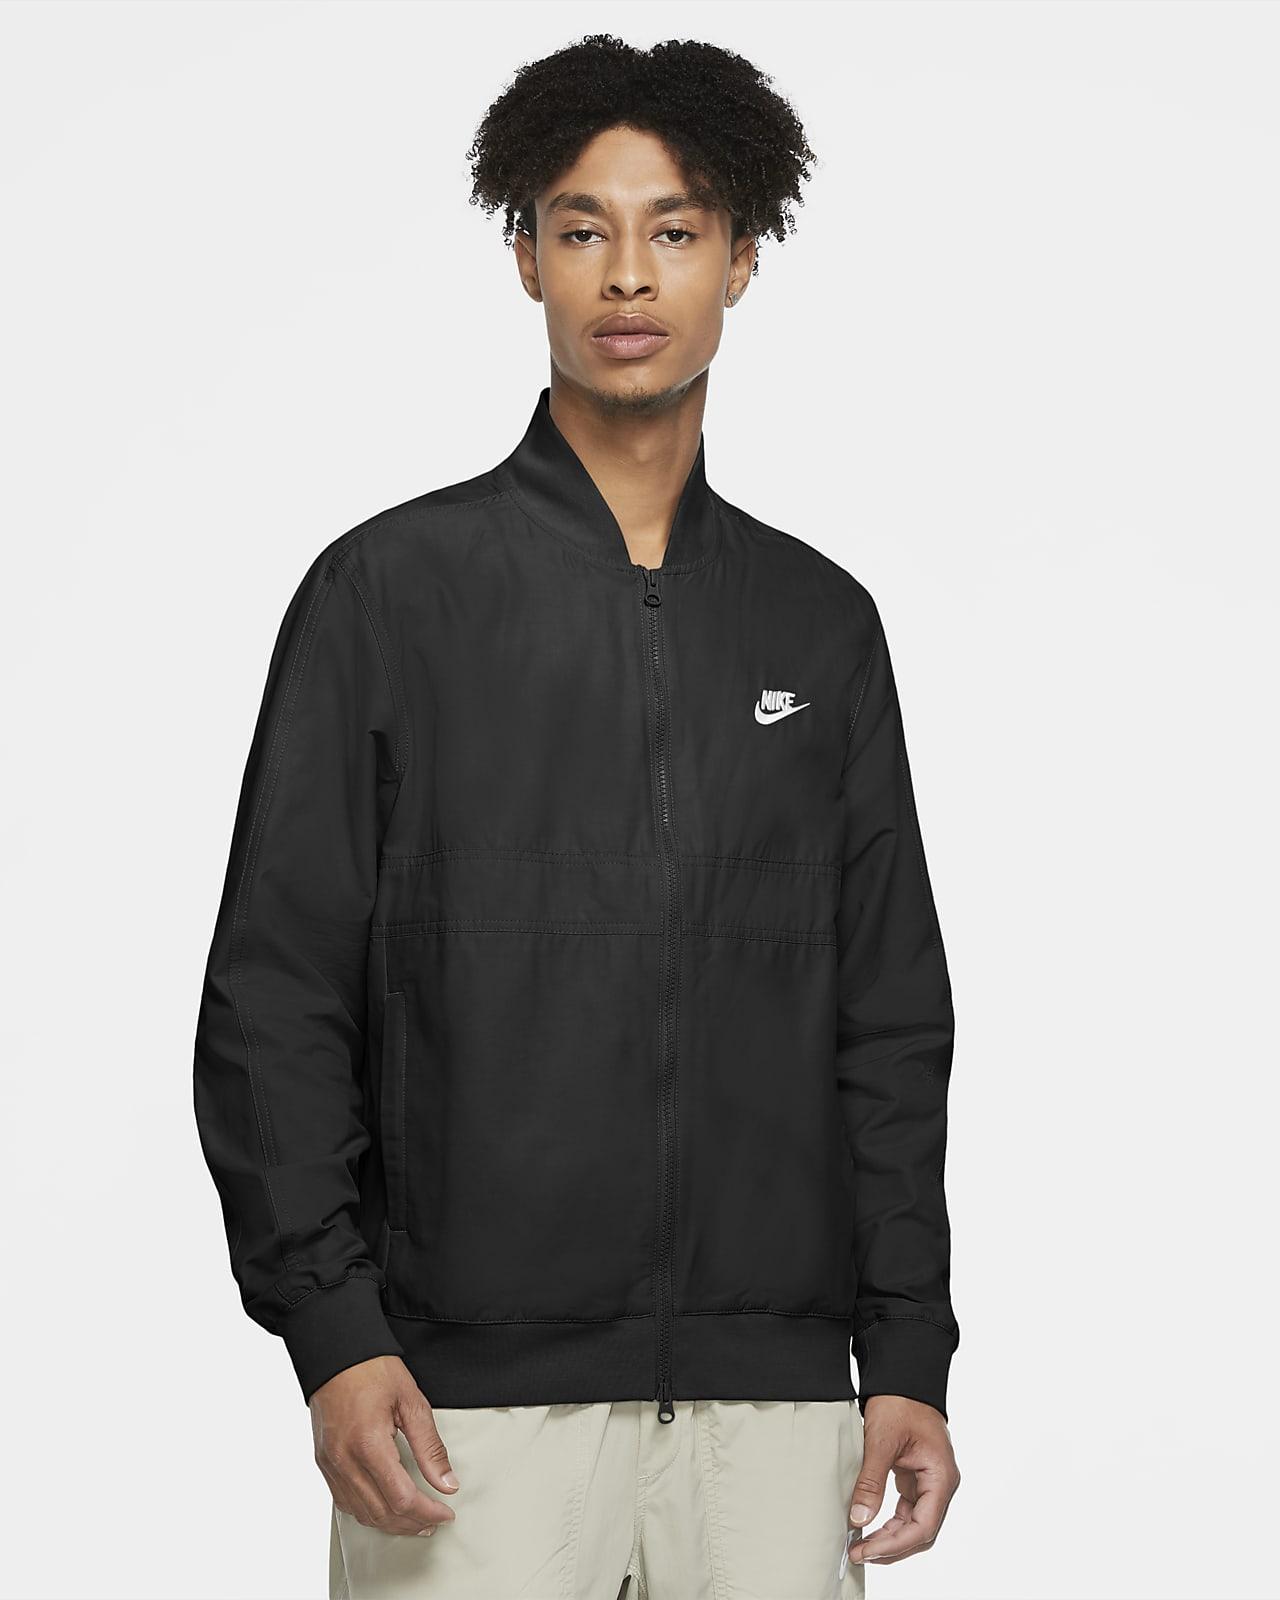 Nike Sportswear Men's Woven Players Jacket